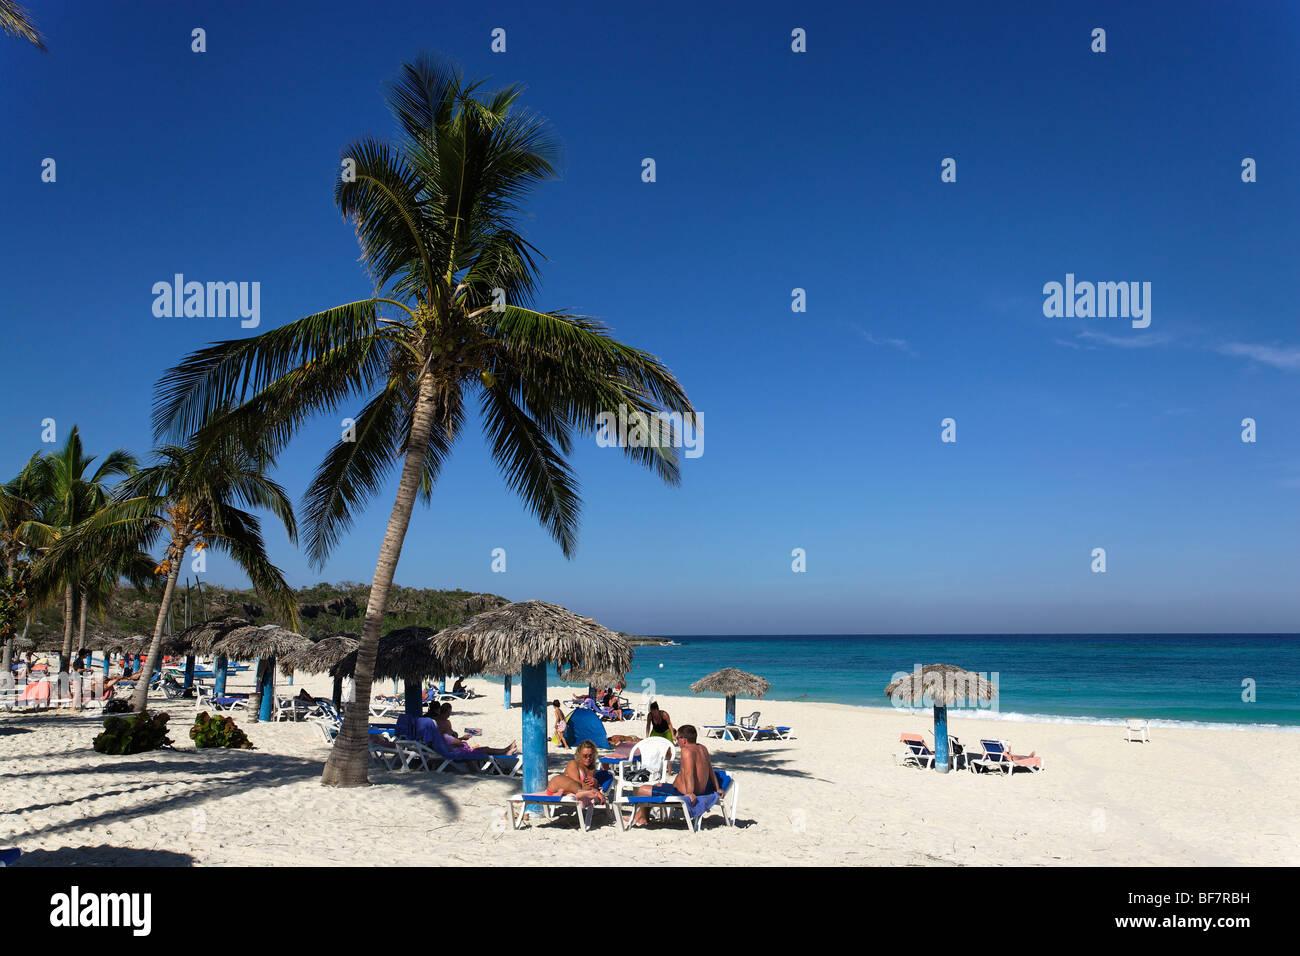 Playa Esmeralda Kuba Hotel